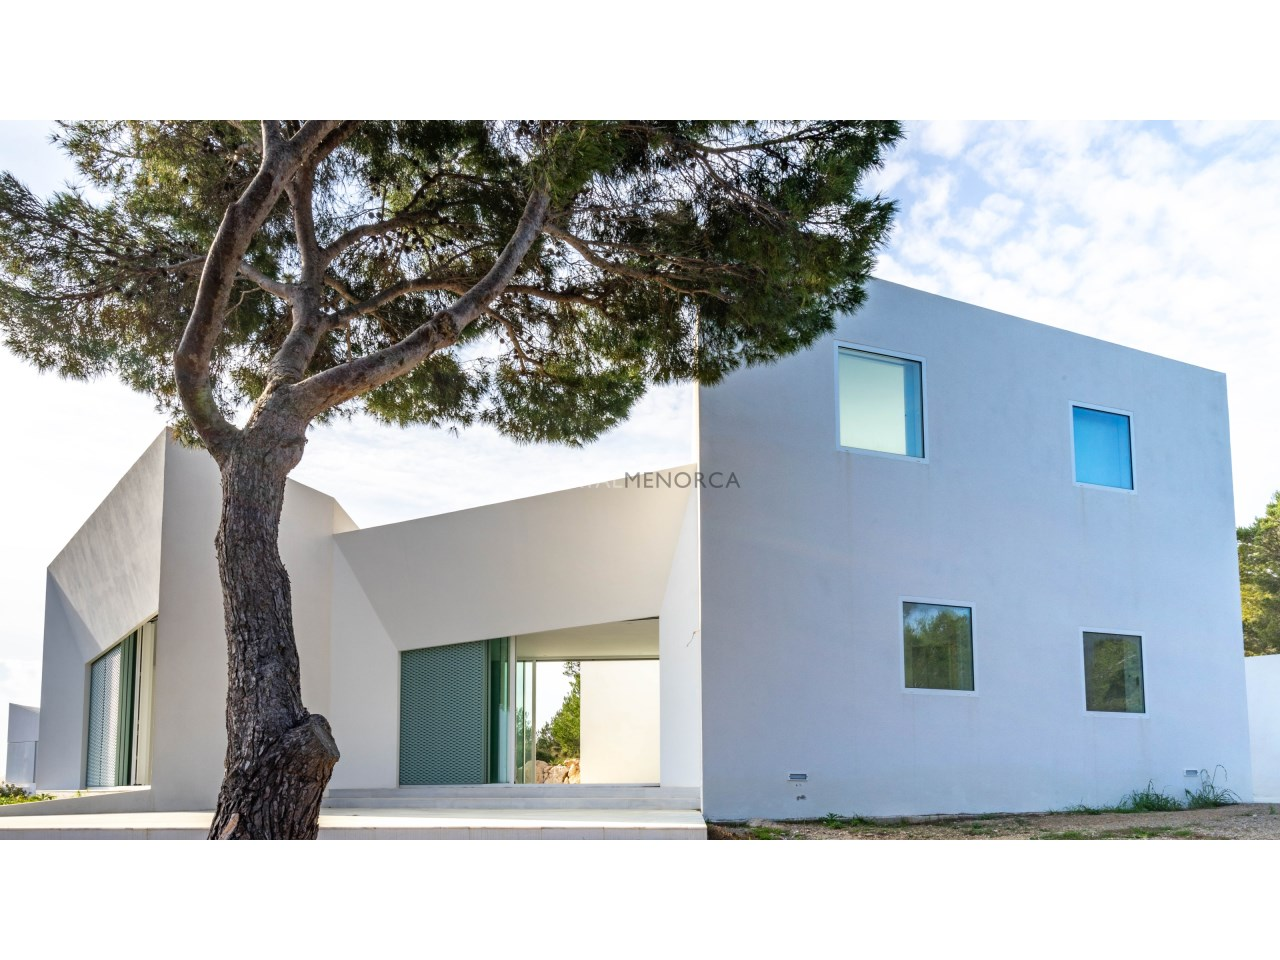 acheter-maison-luxe-coves-noves-menorca (6)